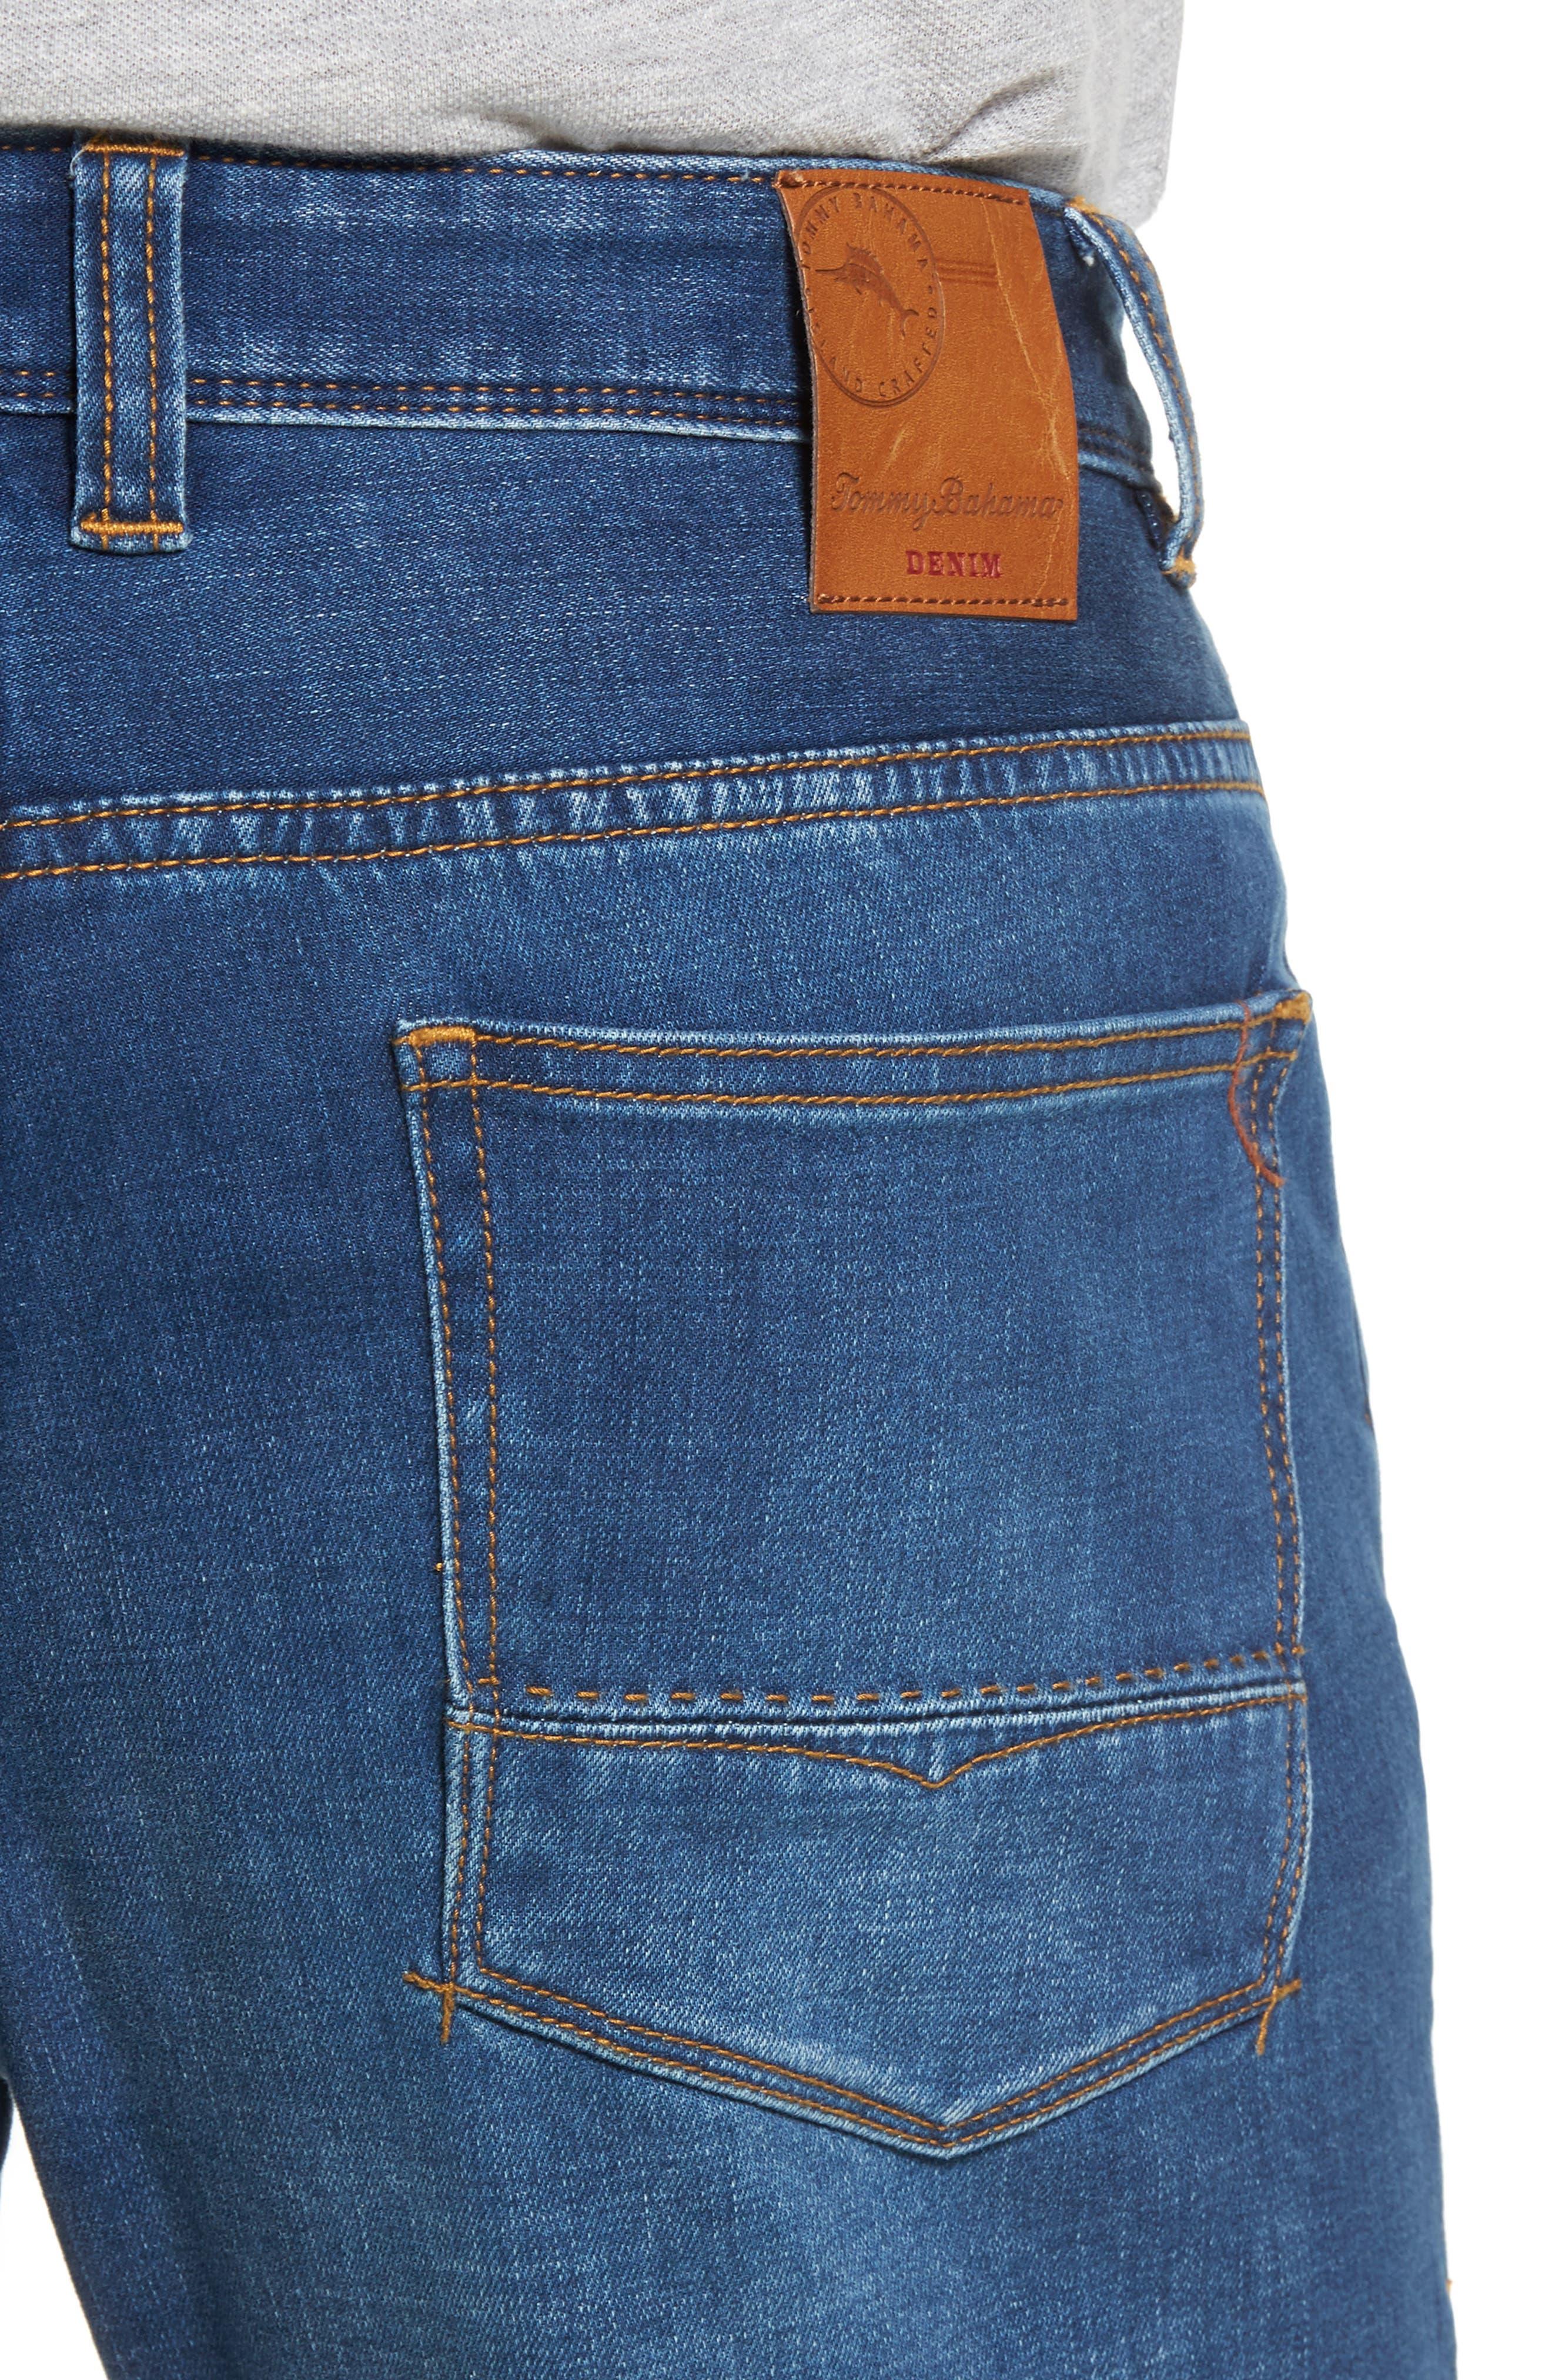 Caicos Authentic Fit Jeans,                             Alternate thumbnail 4, color,                             Medium Indigo